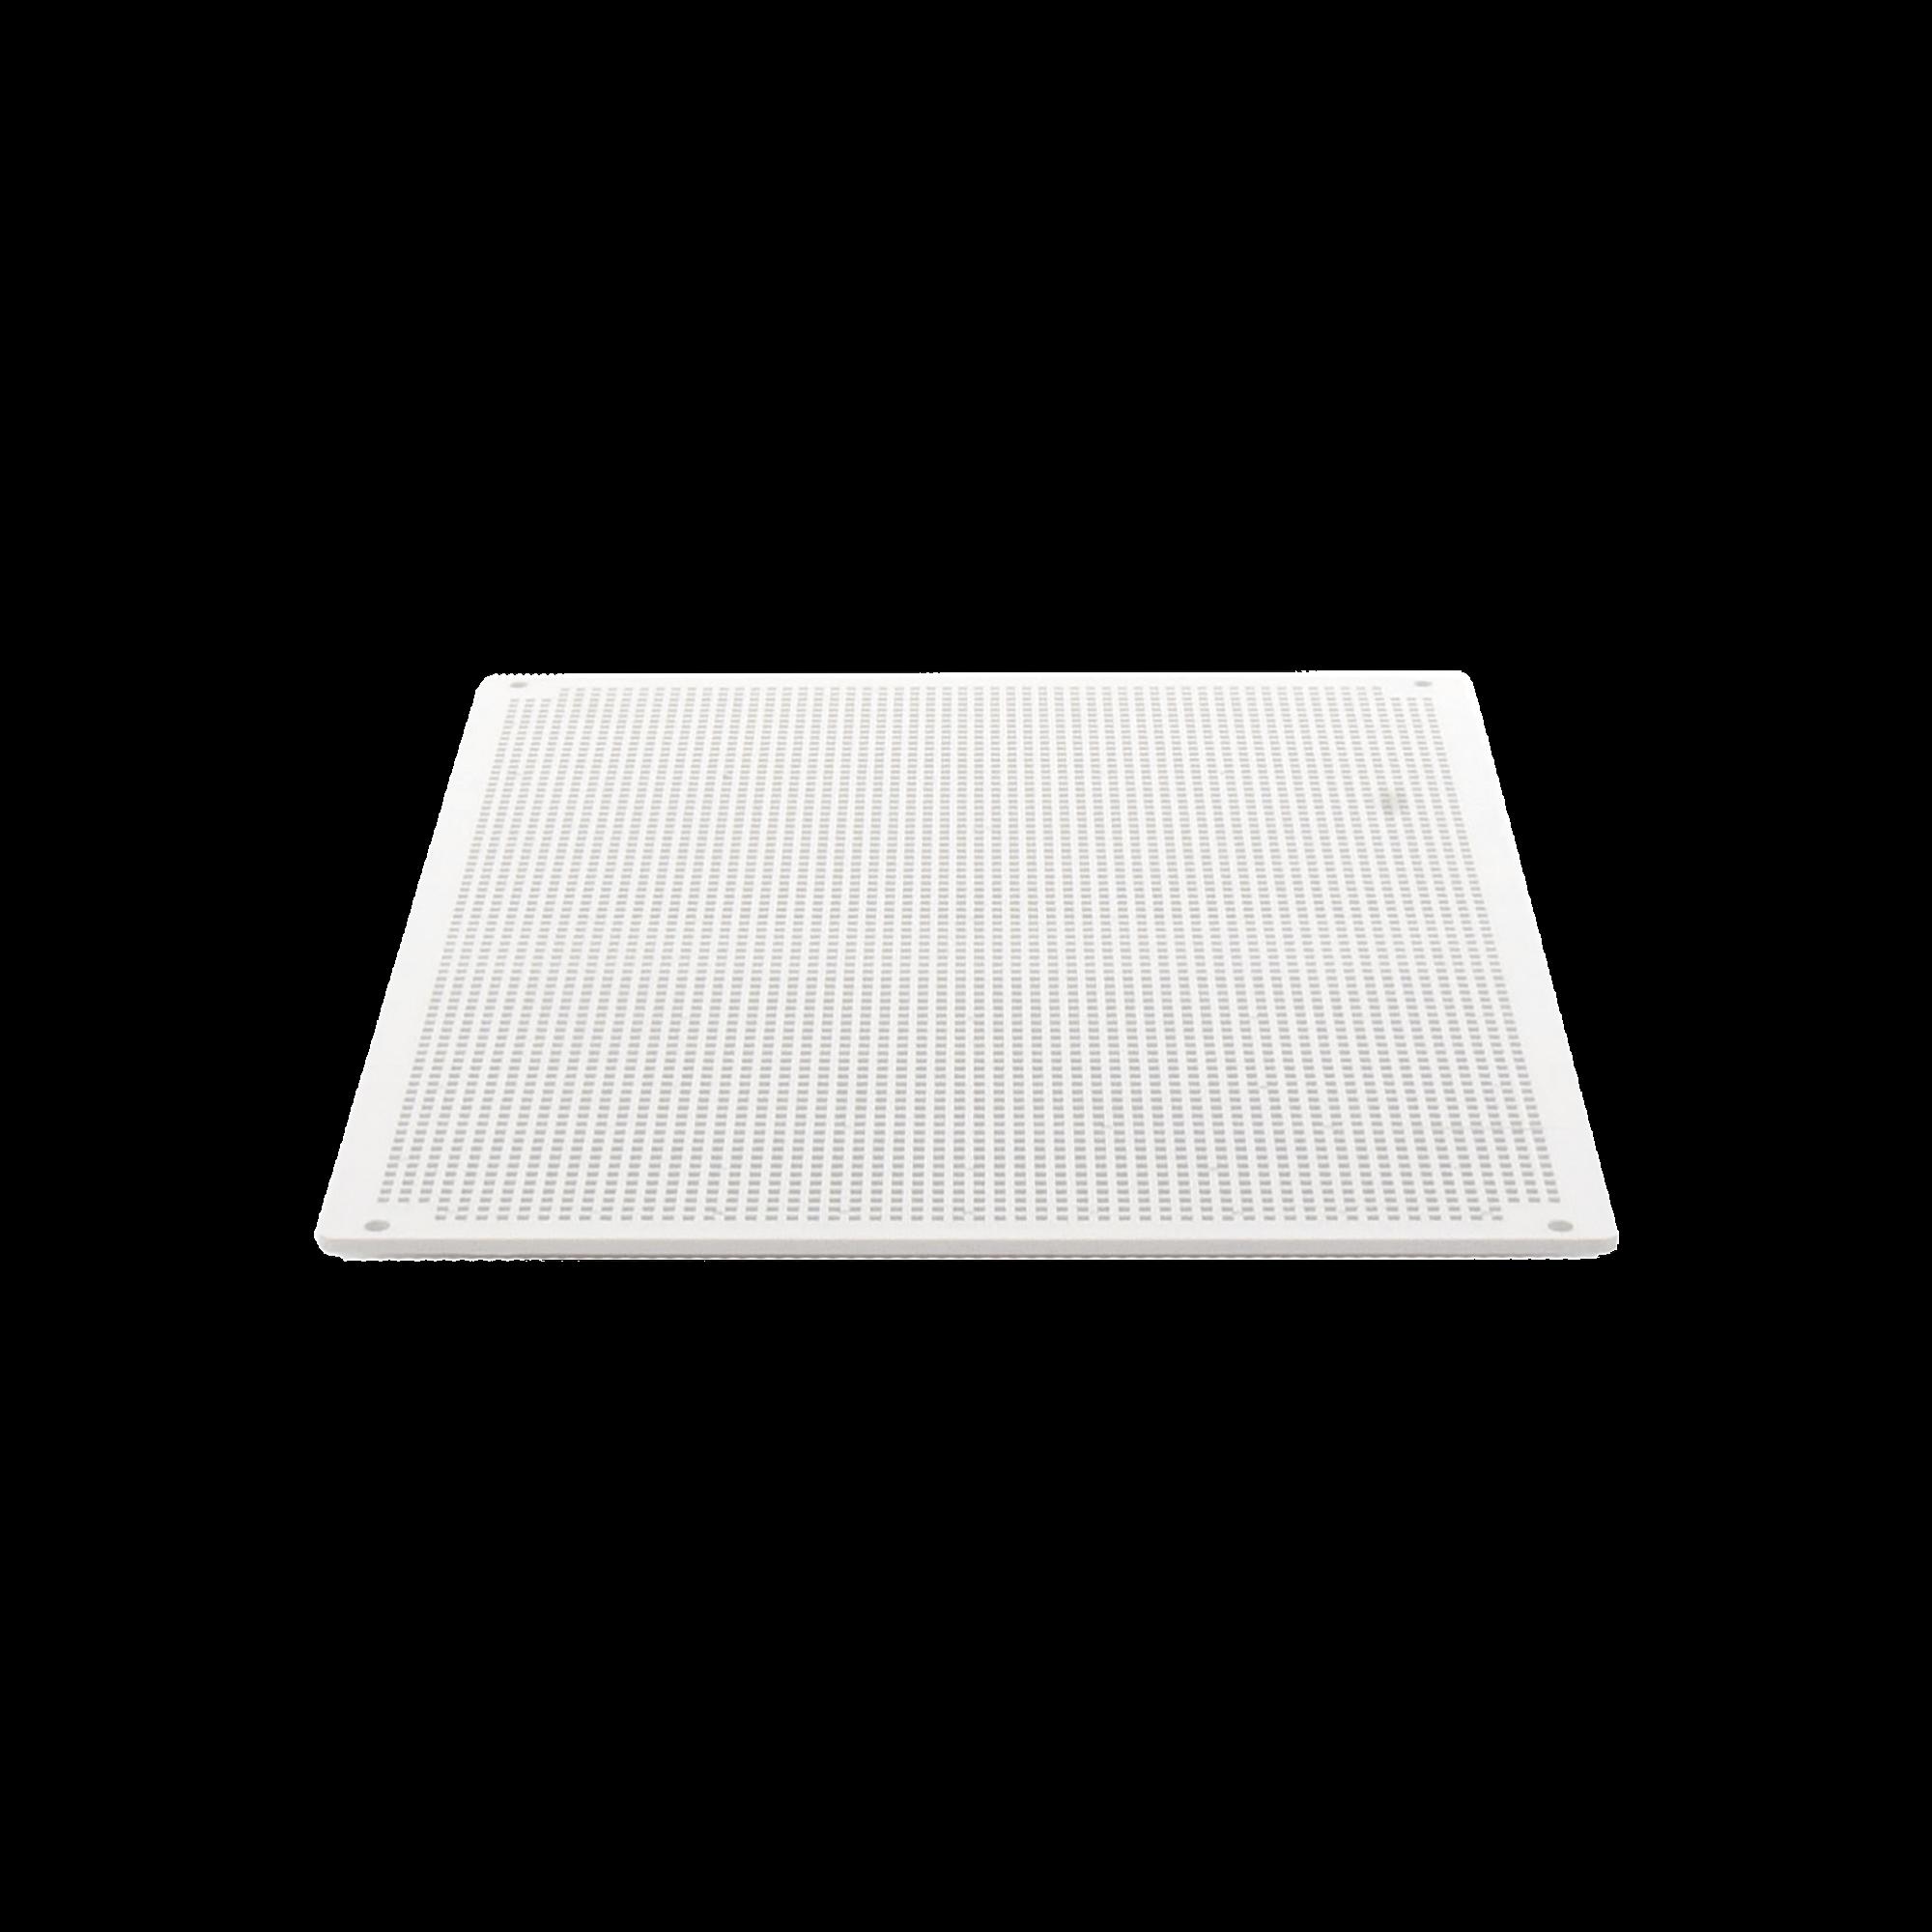 Placa Interna de Plastico para Gabinetes PST-3546-16E y PST-3546-16ET.